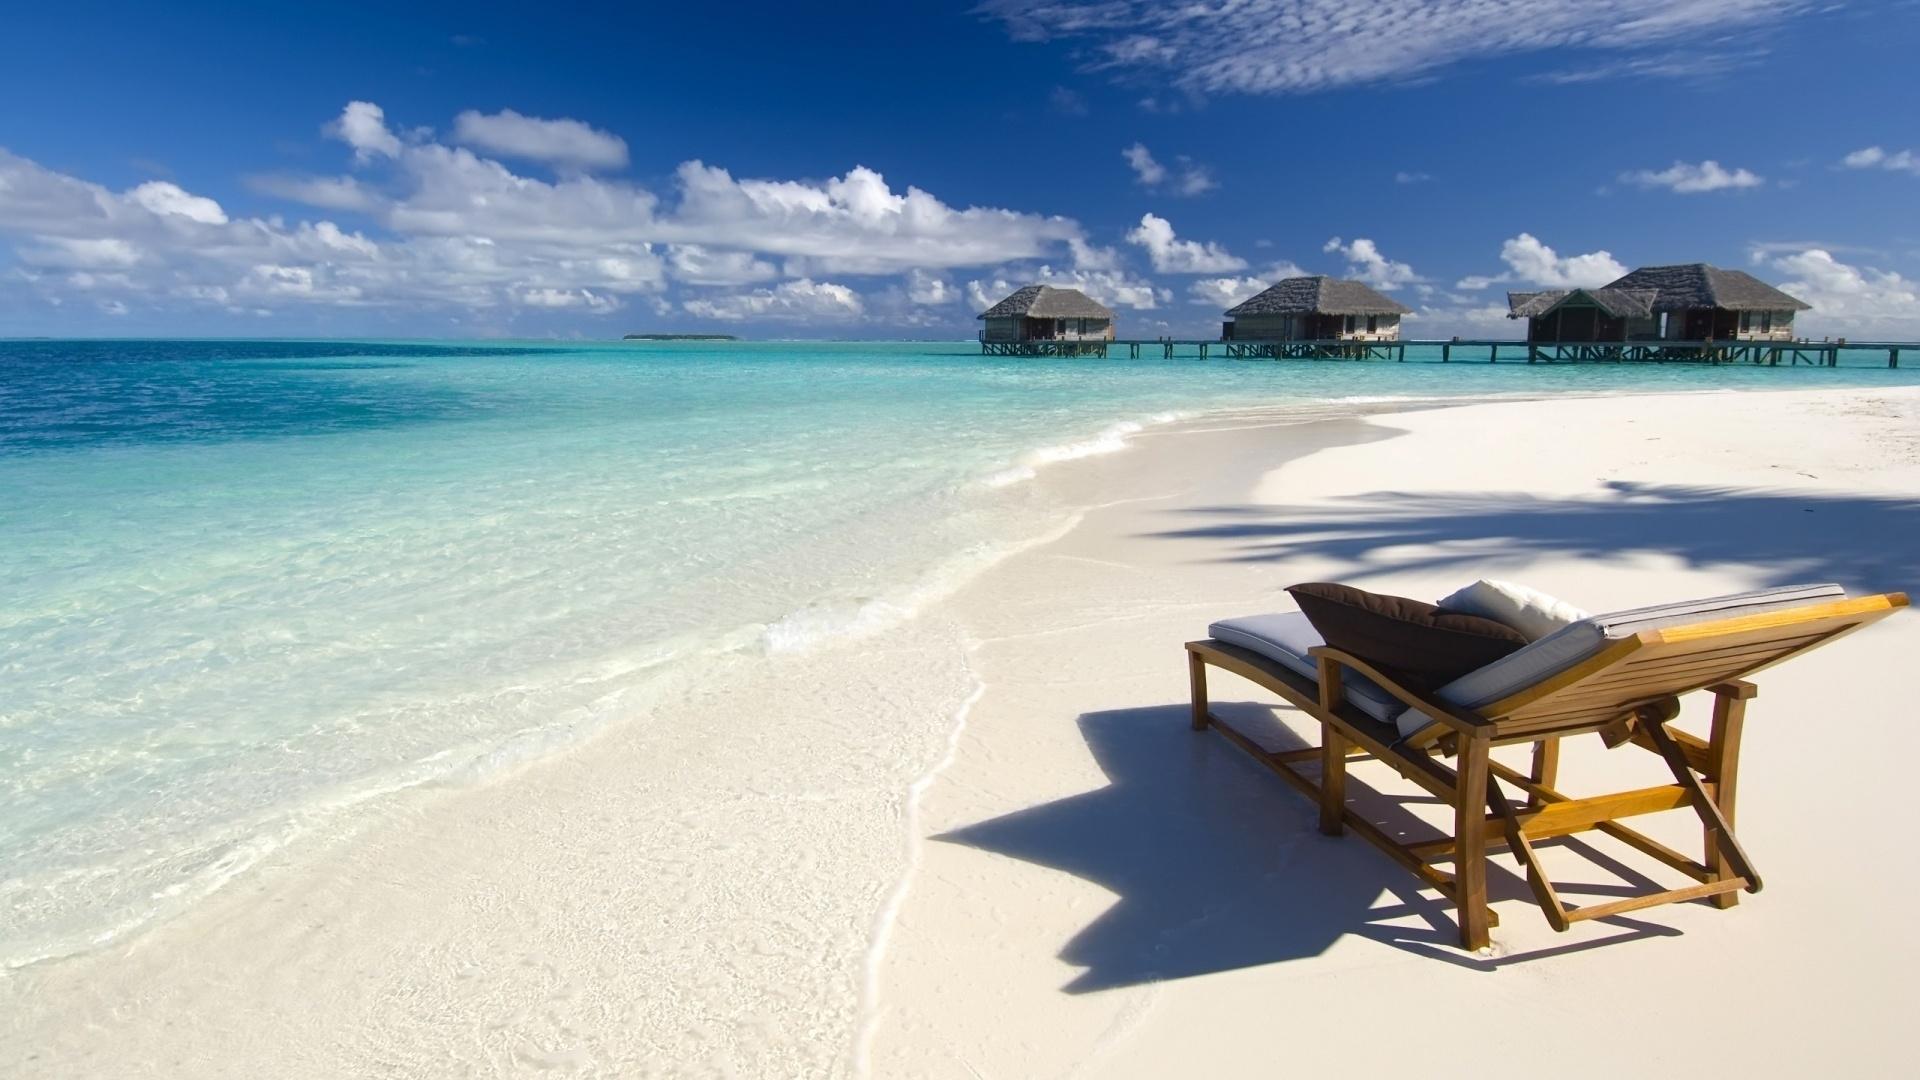 Beach Sea Tropics Chair Pillows Bungalow